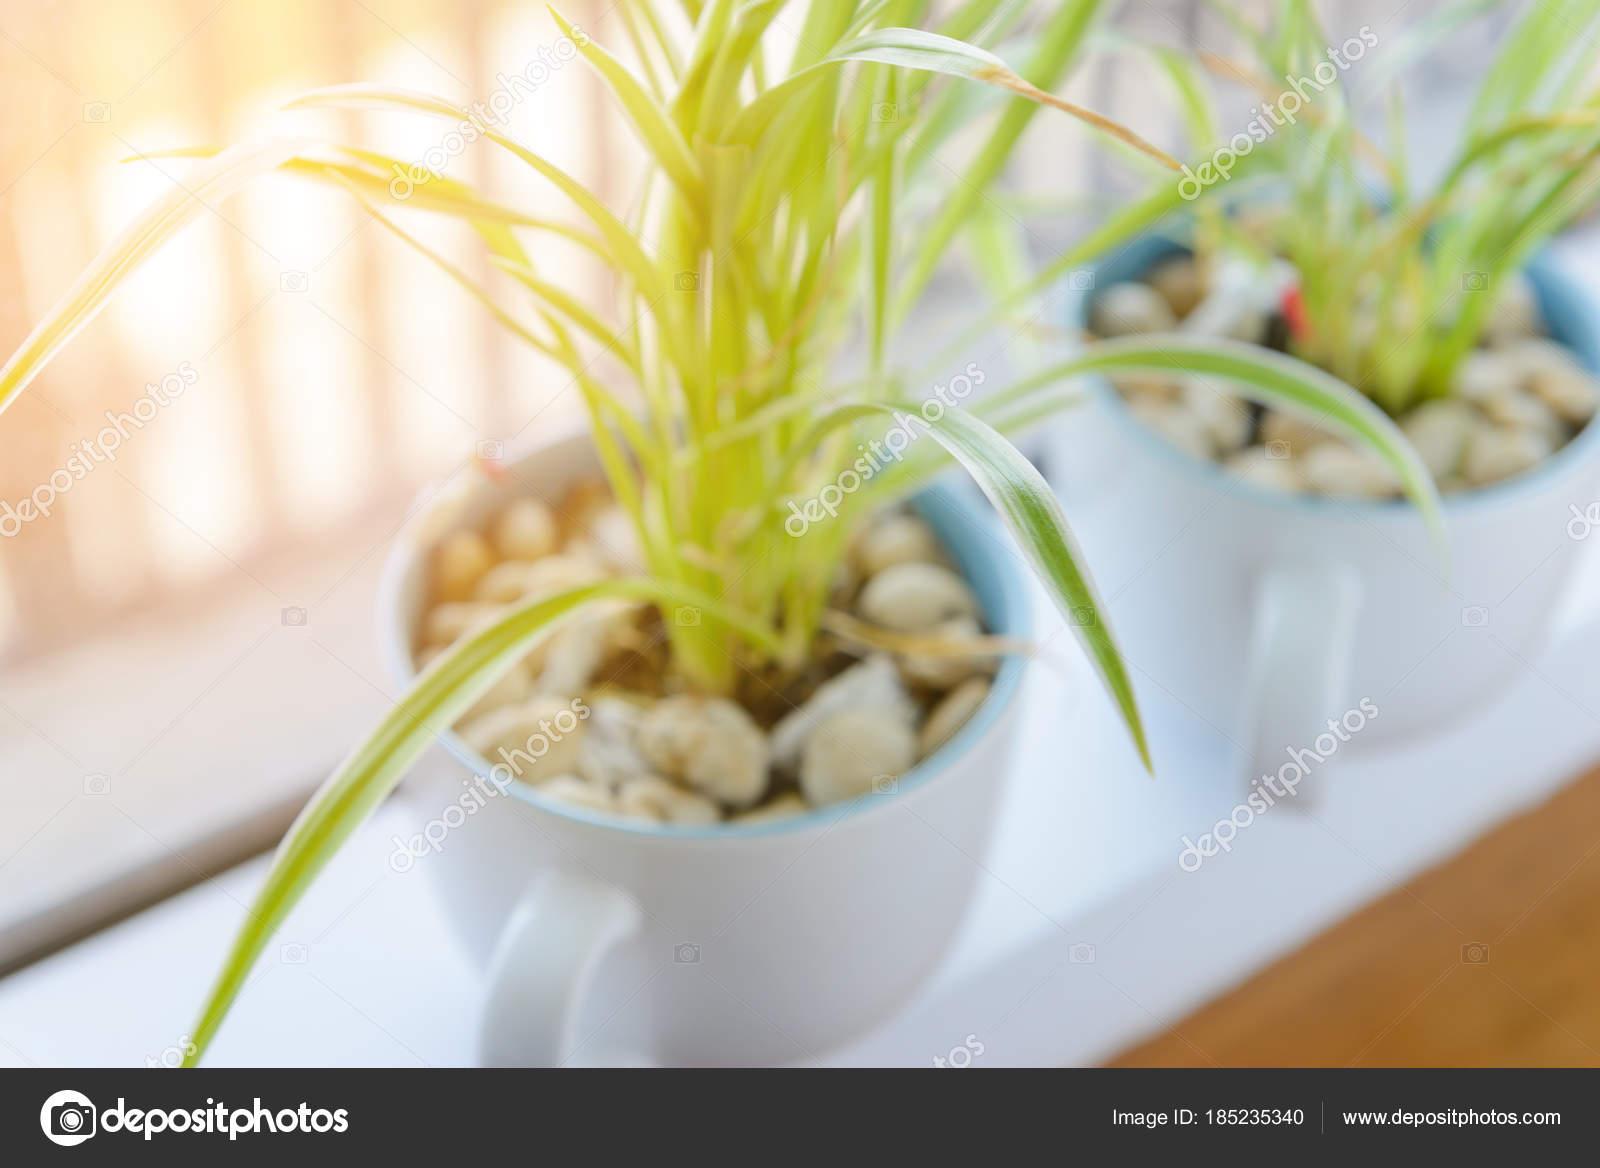 Pająk Roślina Chlorophytum W Białe Doniczki Ceramiczne